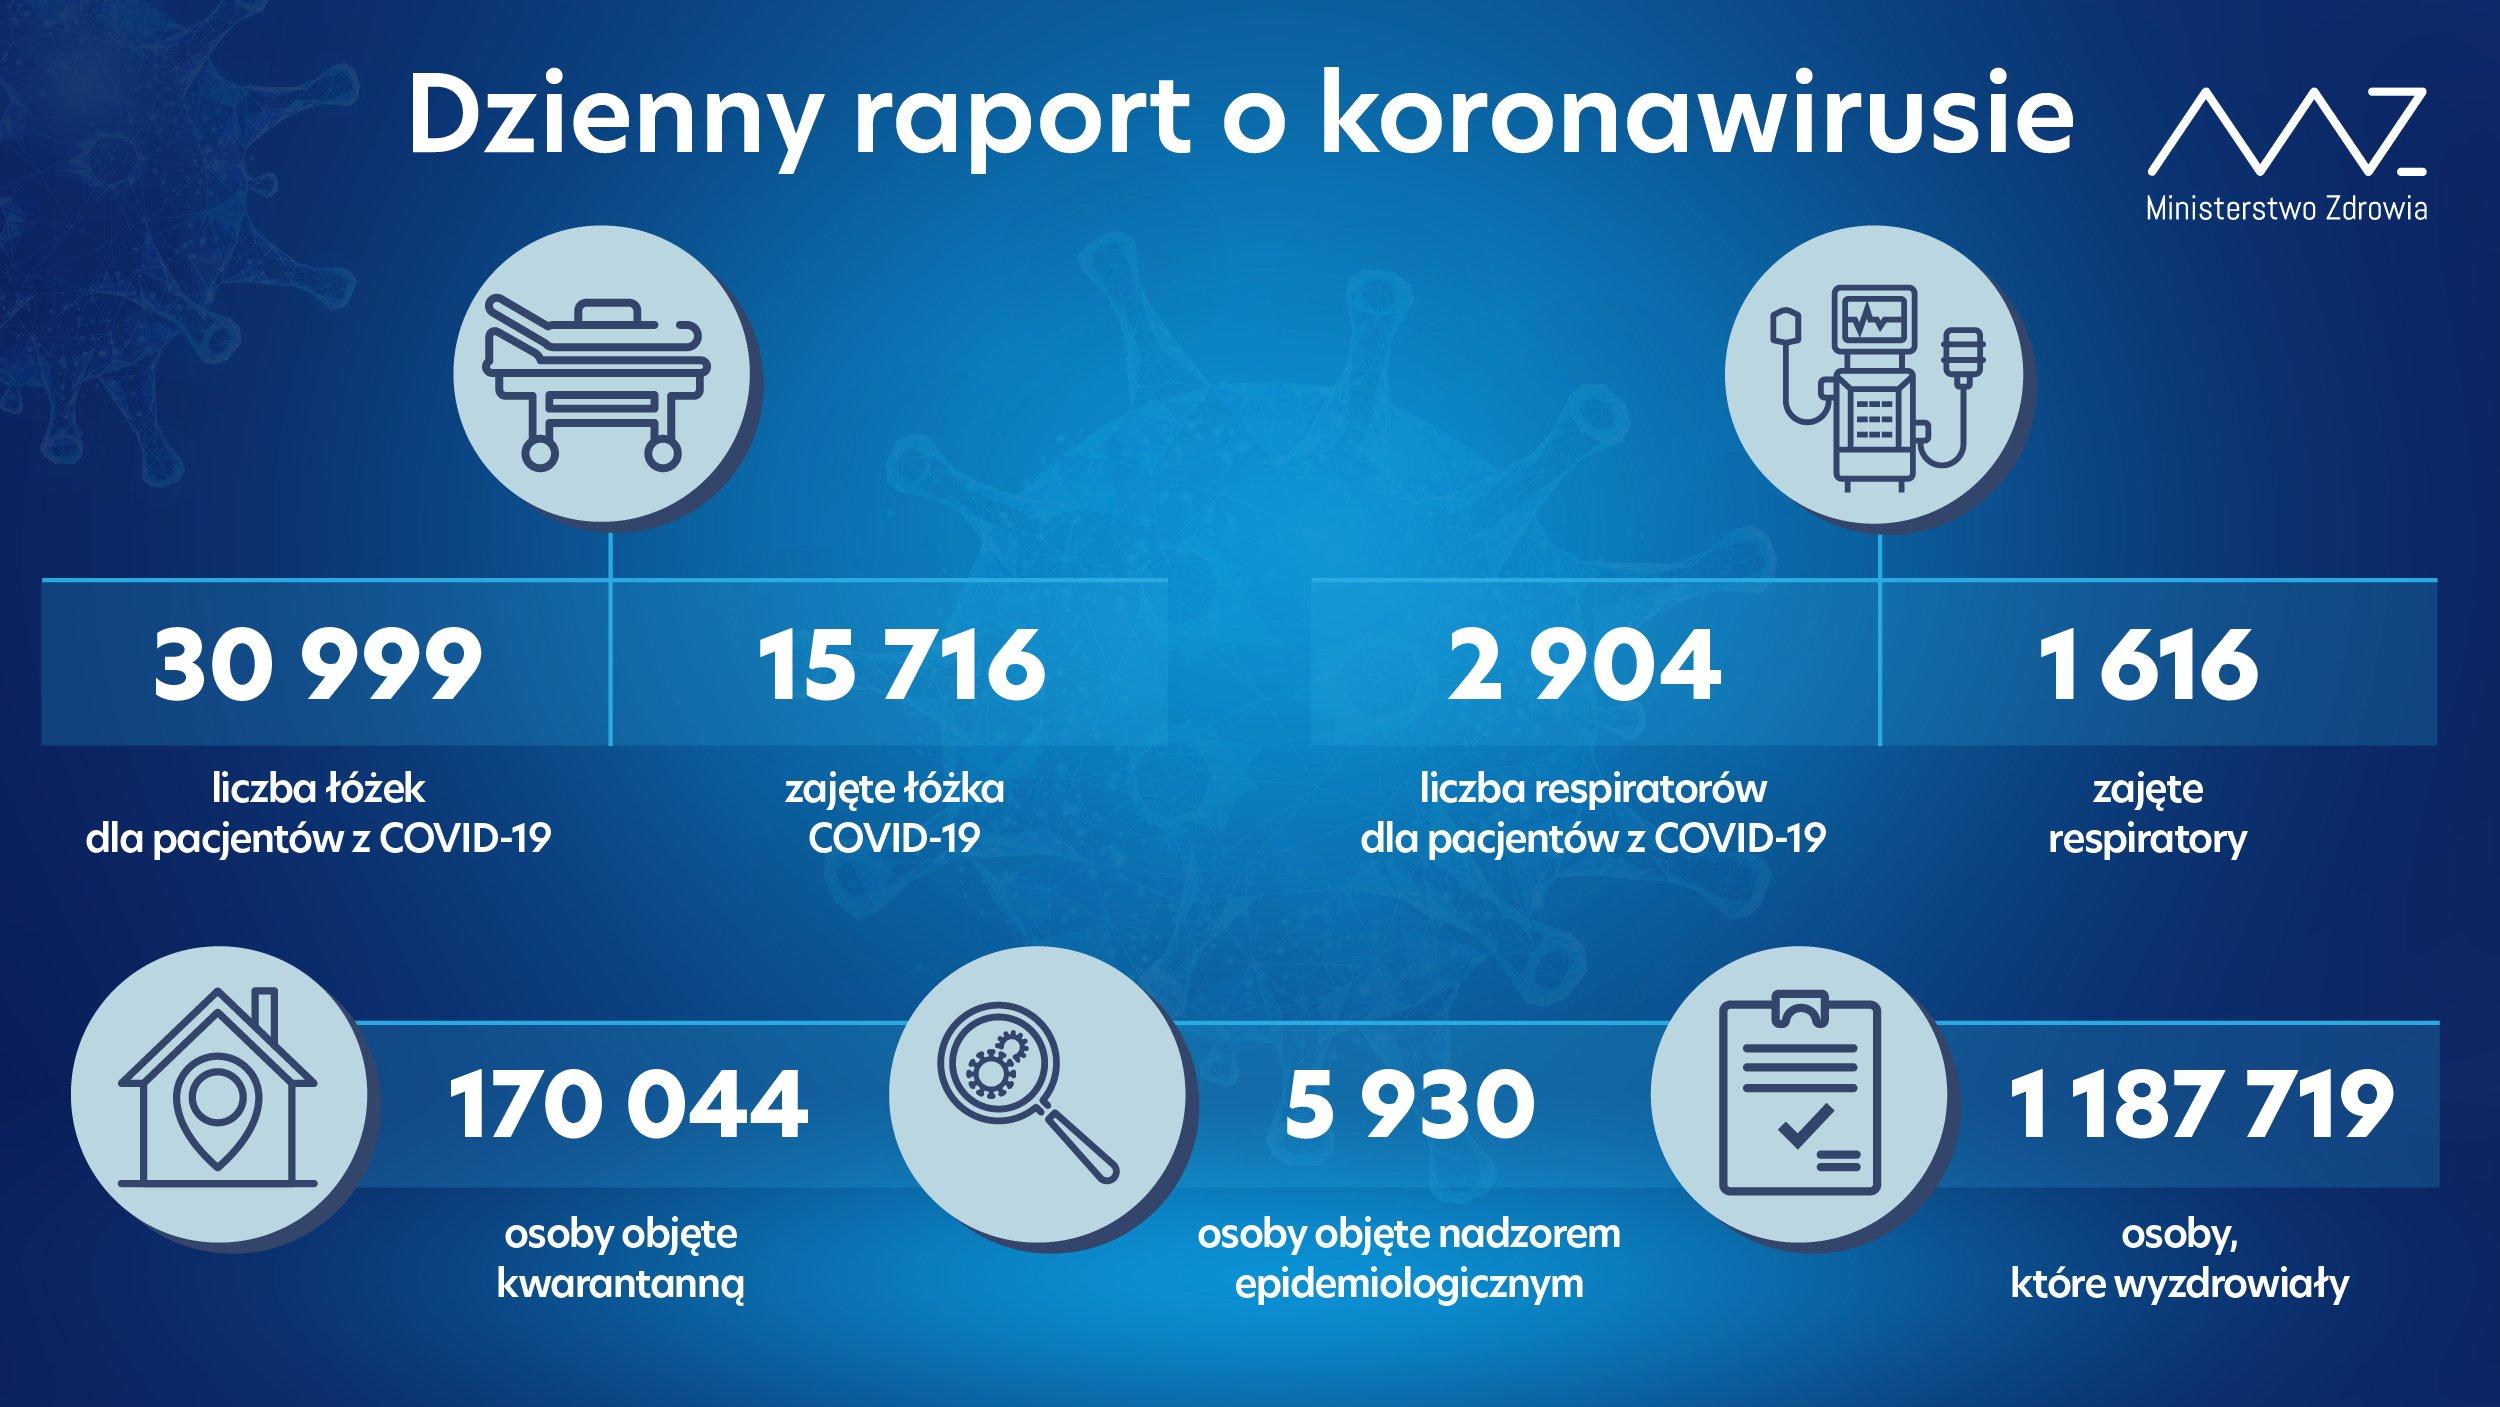 - liczba łóżek dla pacjentów z COVID-19: 30 999 - liczba łóżek zajętych: 15 716 - liczba respiratorów dla pacjentów z COVID-19: 2 904 - liczba zajętych respiratorów: 1 616 - liczba osób objętych kwarantanną: 170 044 - liczba osób objętych nadzorem sanitarno-epidemiologicznym: 5 930 - liczba osób, które wyzdrowiały: 1 187 719